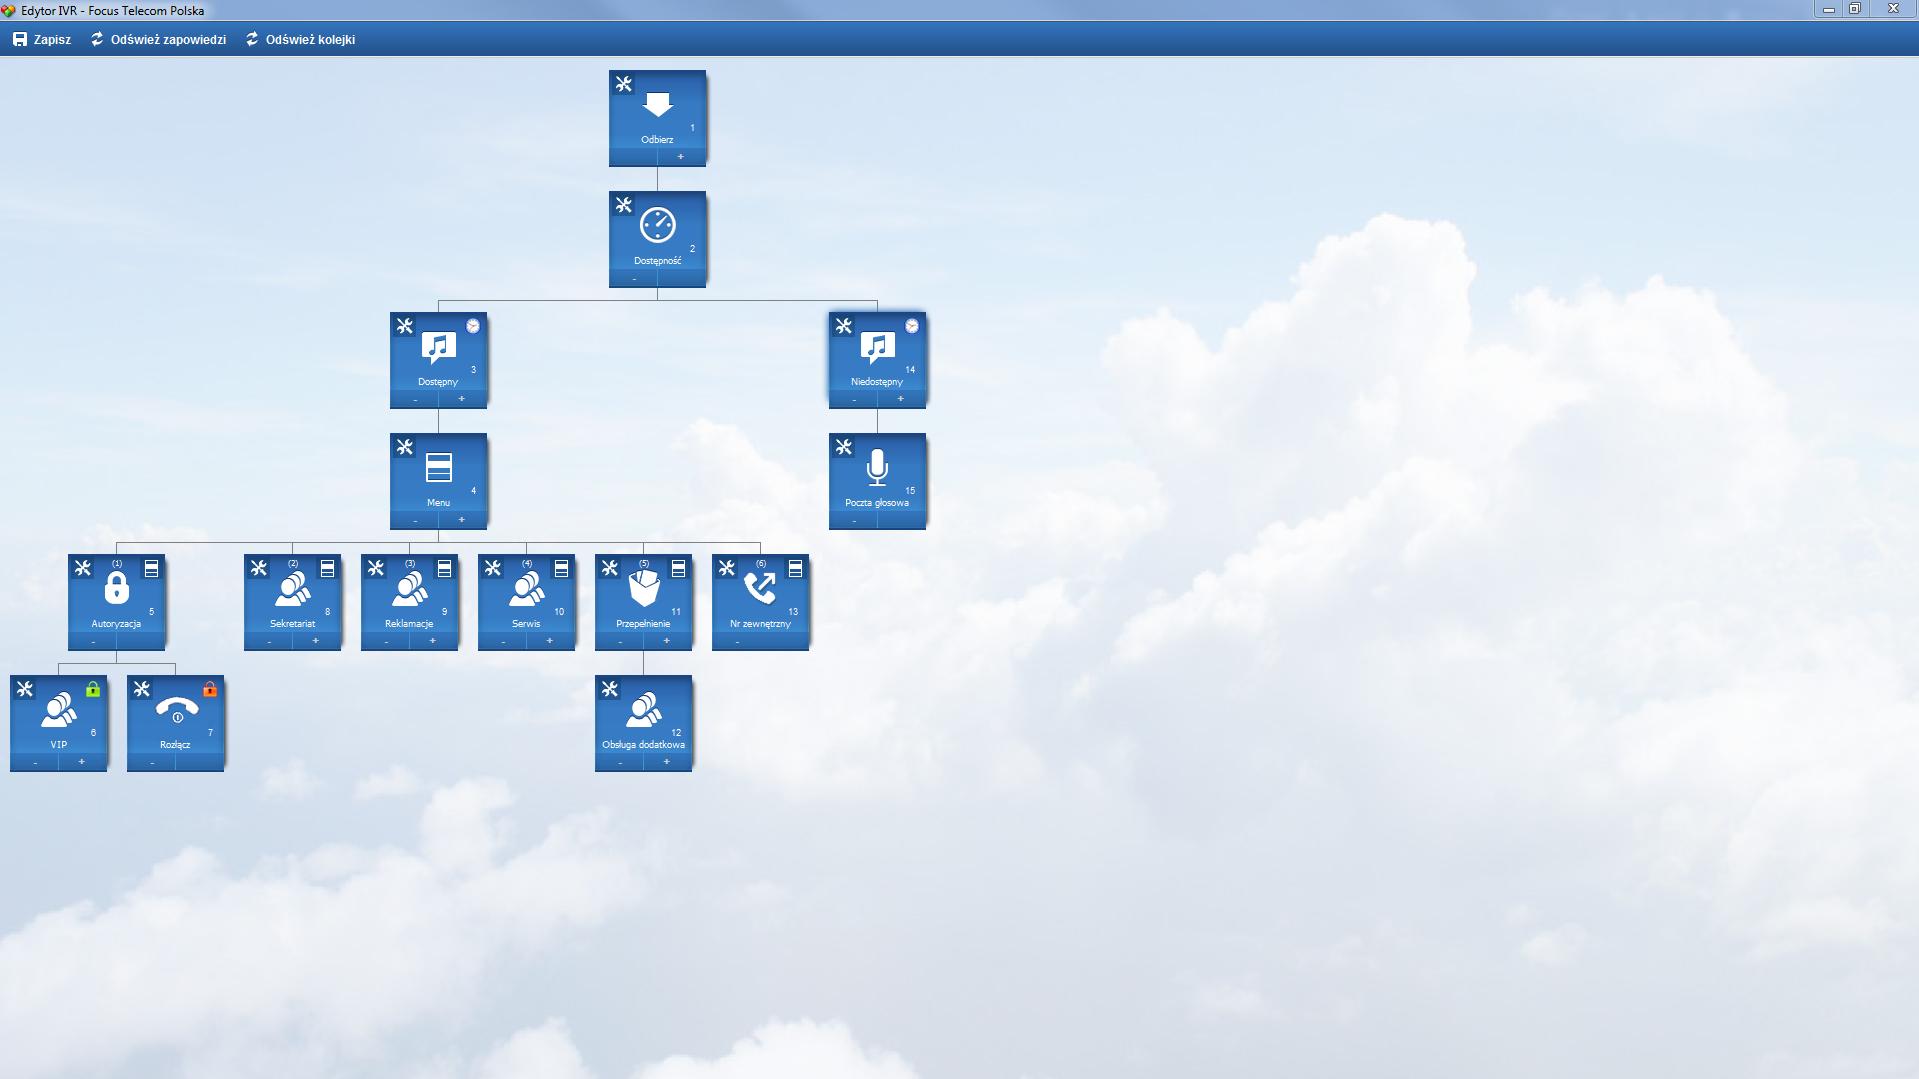 Jak przygotować menu IVR - schemat IVR builder